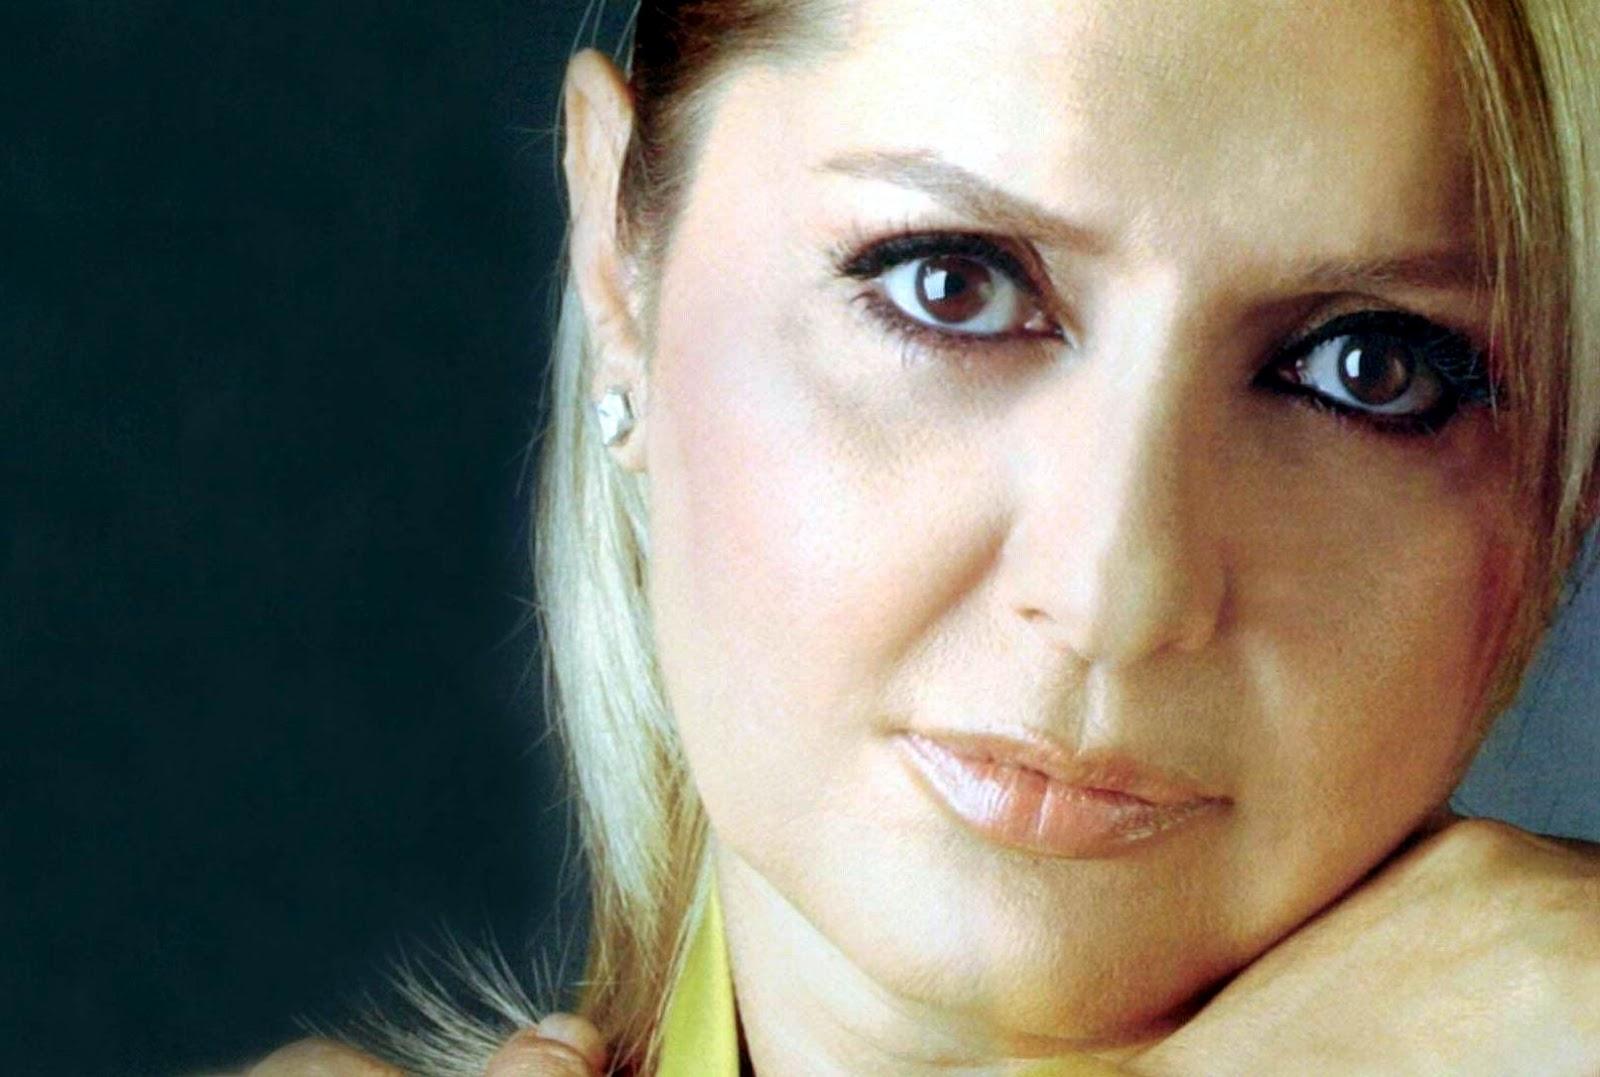 آهنگ پاپ ایرانی tehranmusic arisfa com و آهنگ جدید تهران موزیک موزیک جدید